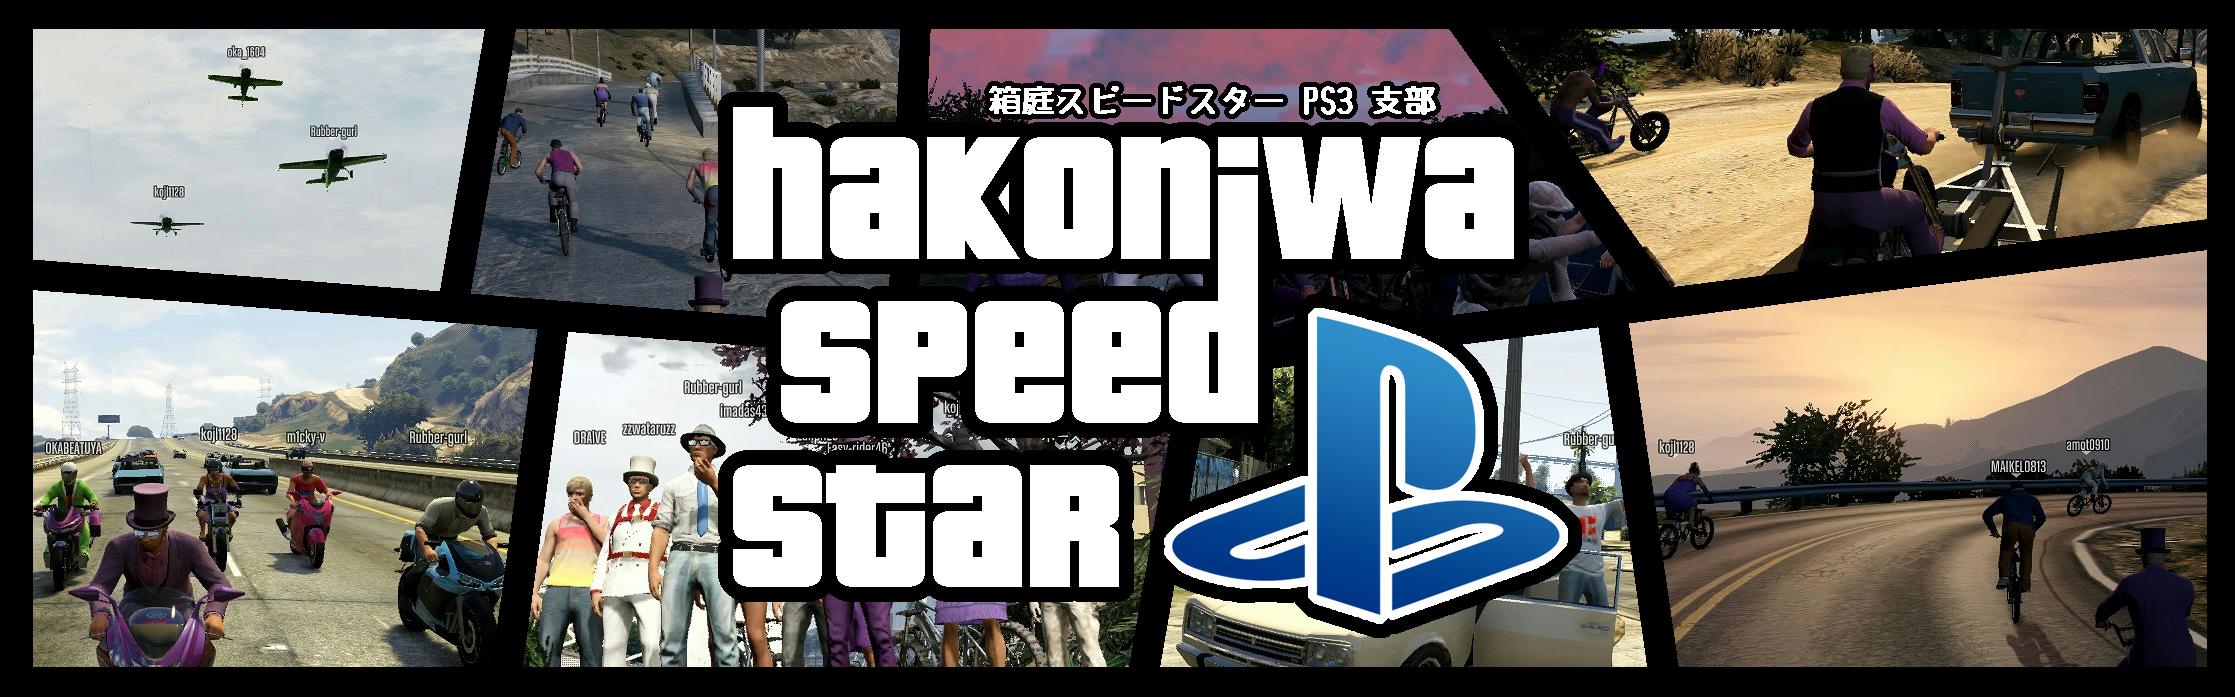 箱庭スピードスターPS3